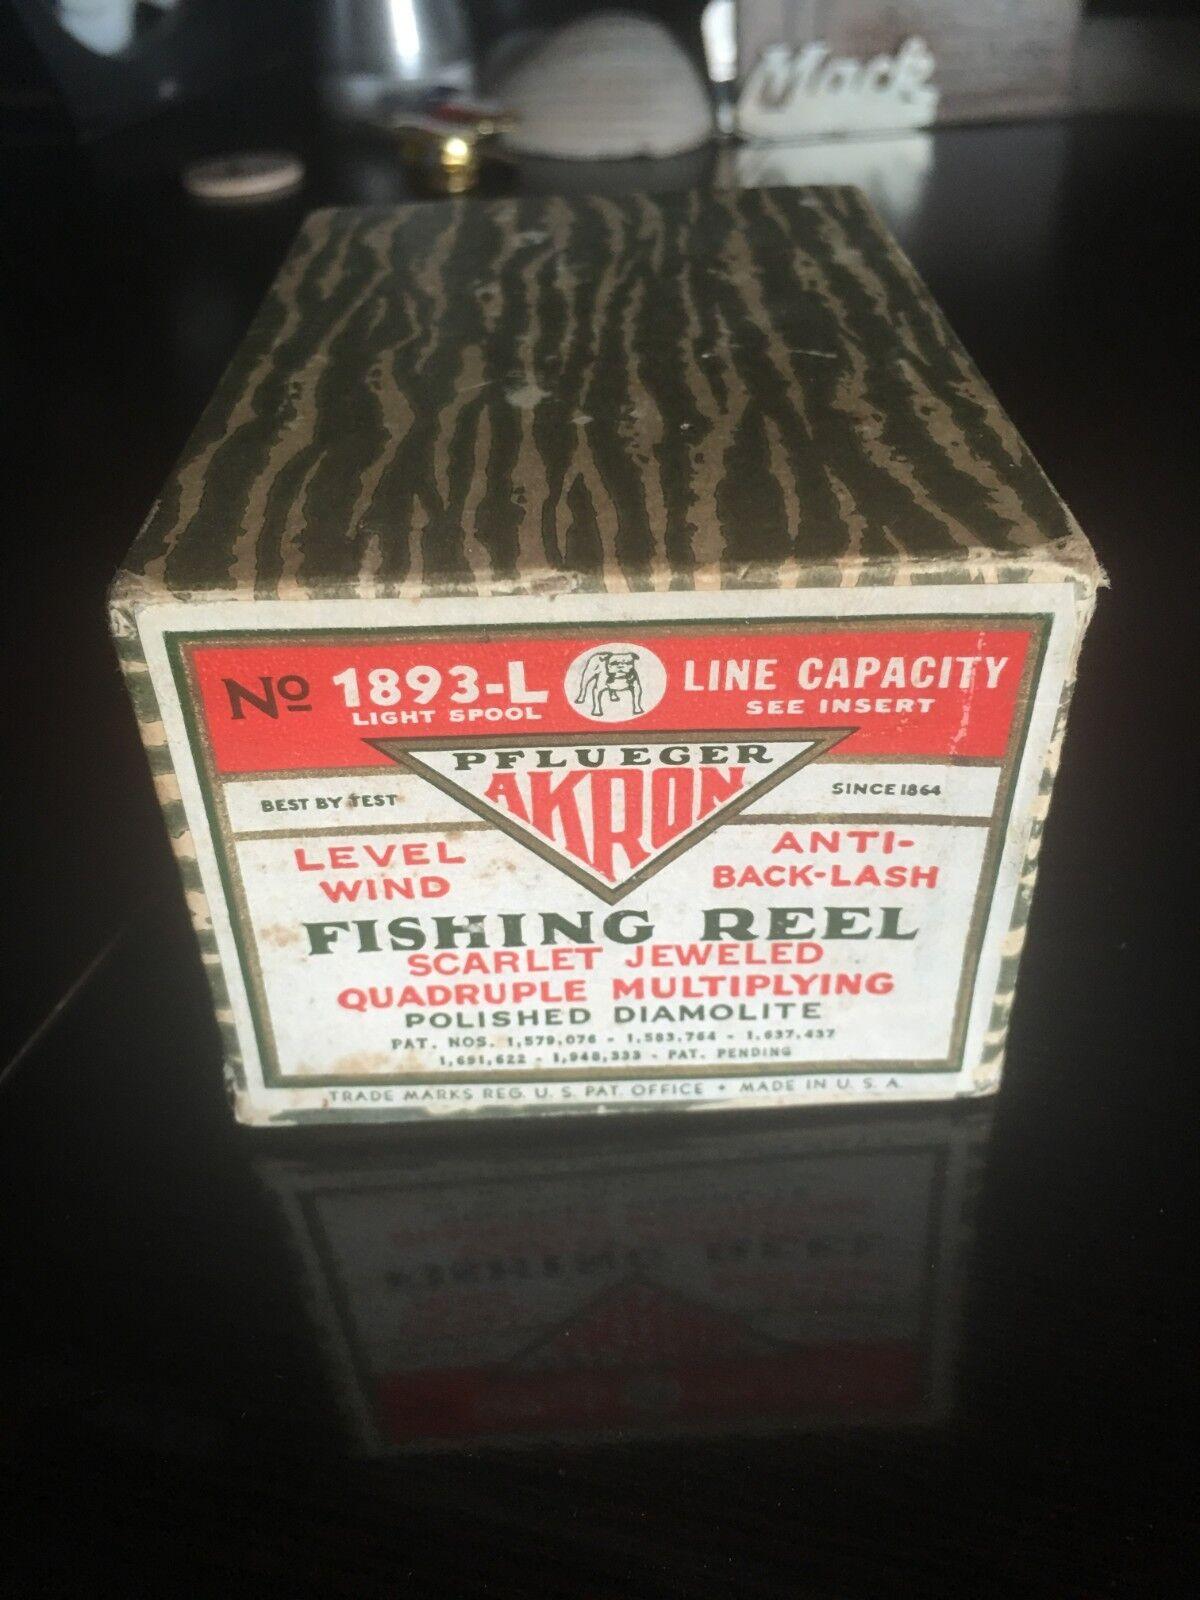 Vintage Pflueger Skilkast Fishing Bait Caster Reel in Box w paperwork